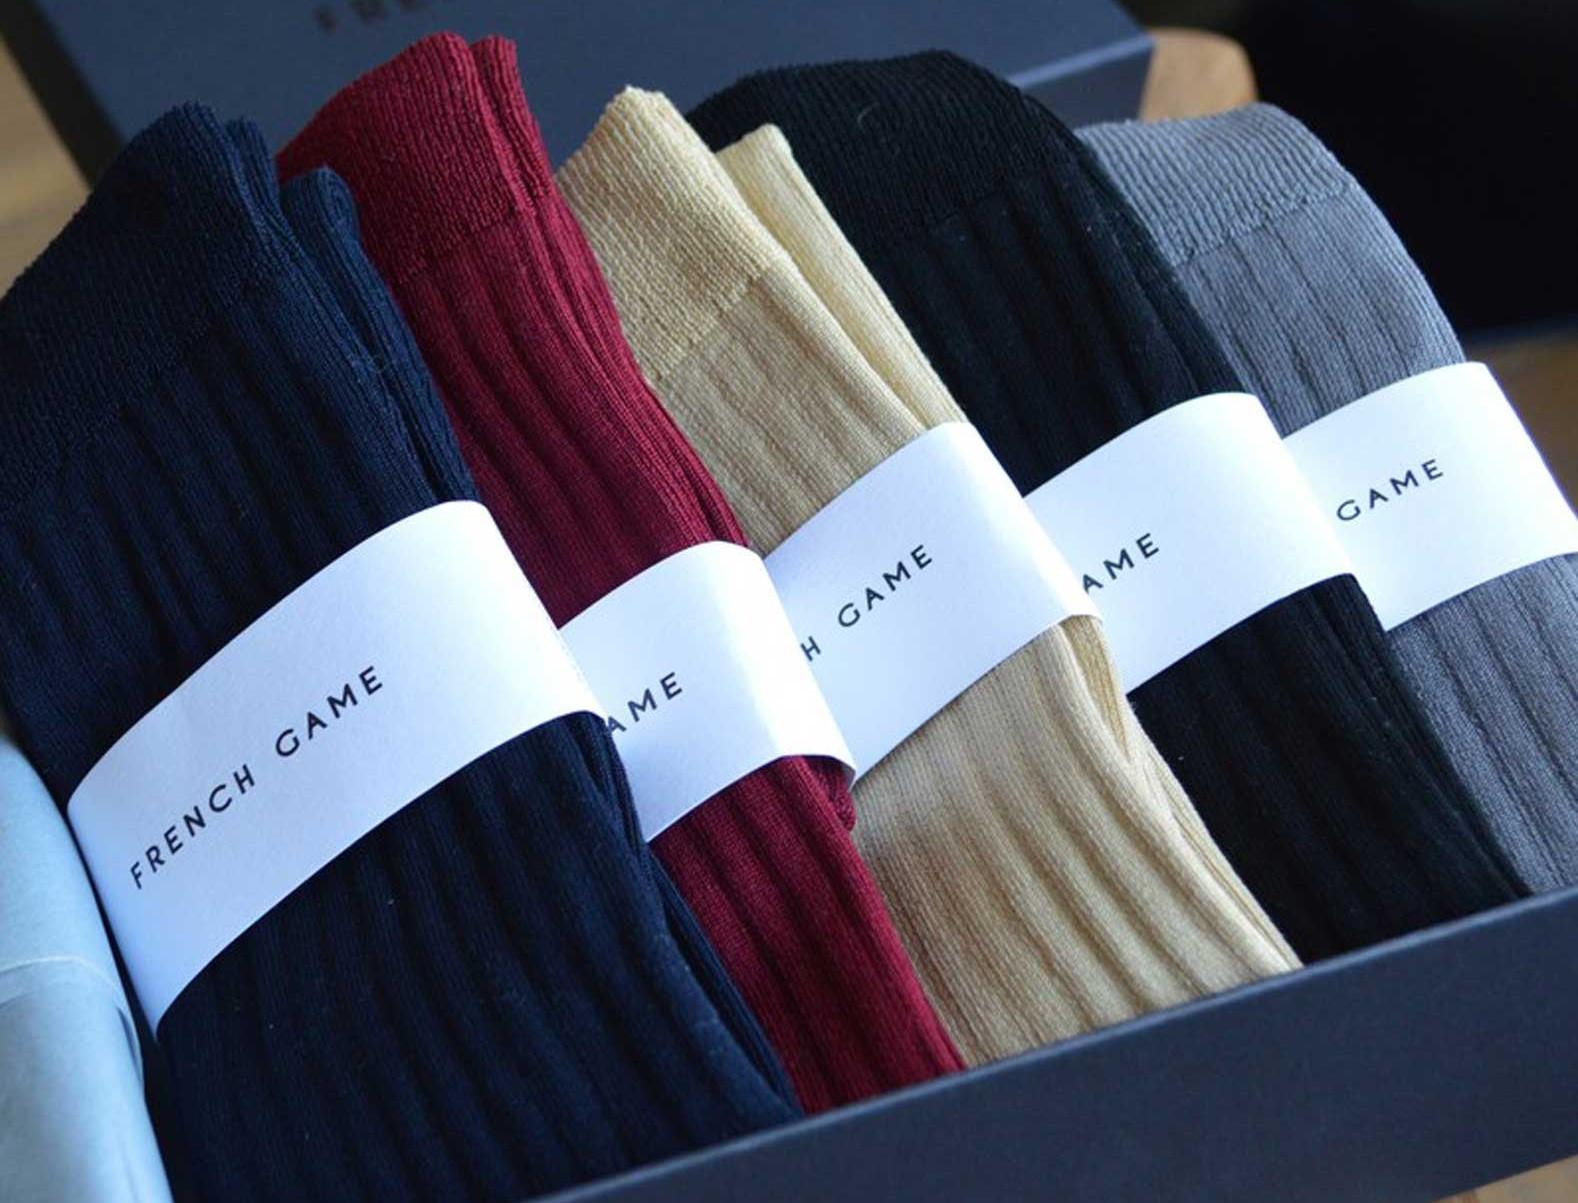 Coffret de chaussettes montantes en fil d'Ecosse made in France